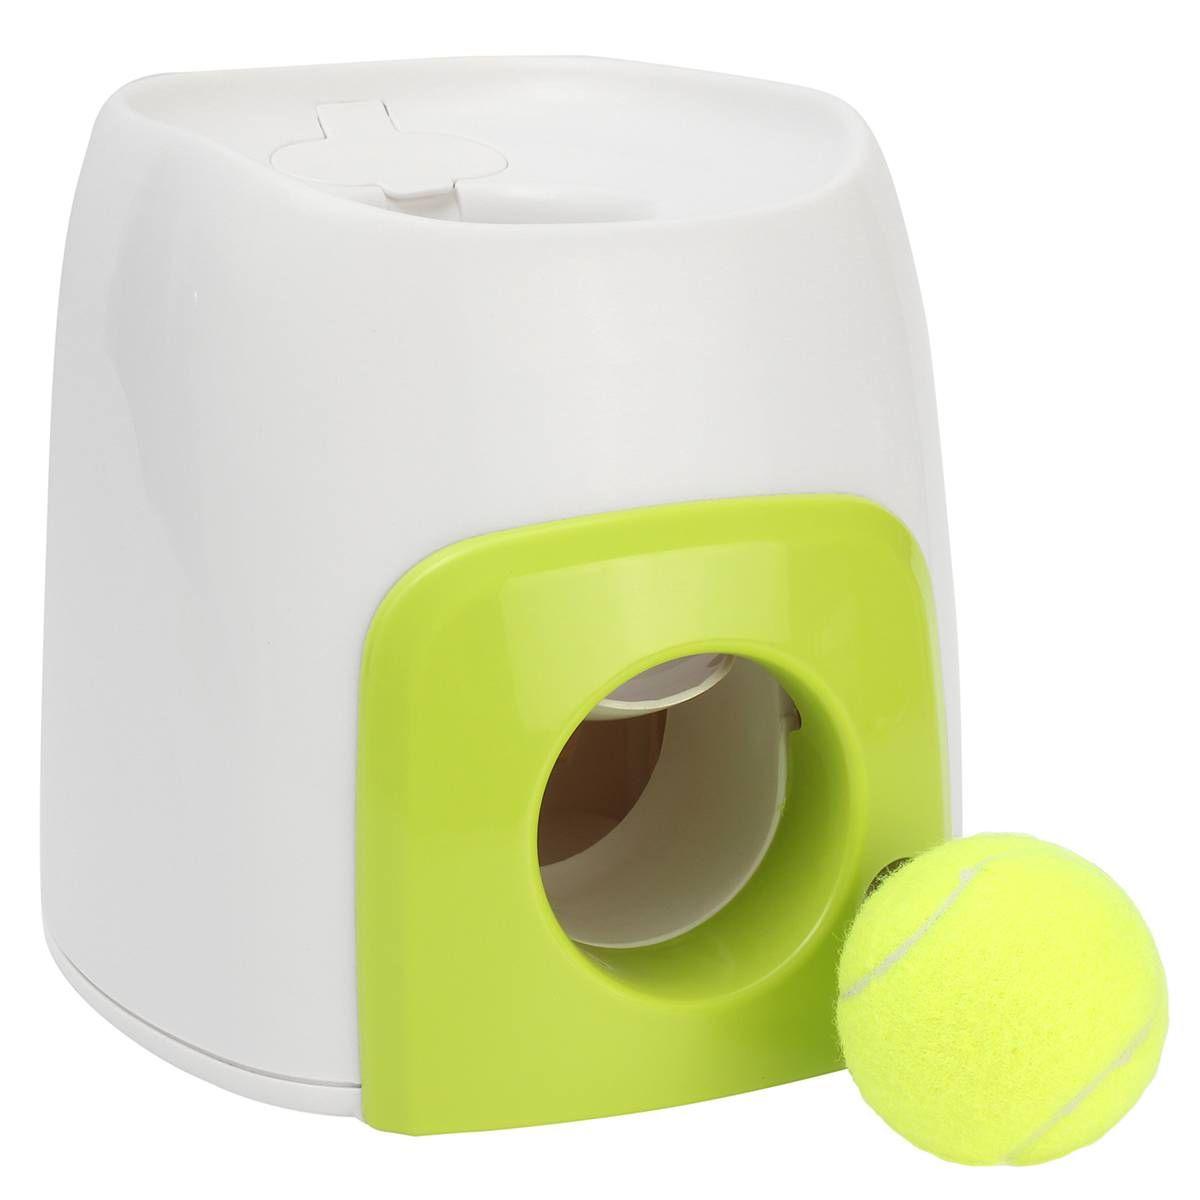 Hund Spielzeug Interaktive Fetch N Behandeln Katze Pet Tennis Ball Automatische Dispenser Trainer Pet Lustige Belohnung Maschine Spielen Ausbildung Spielzeug